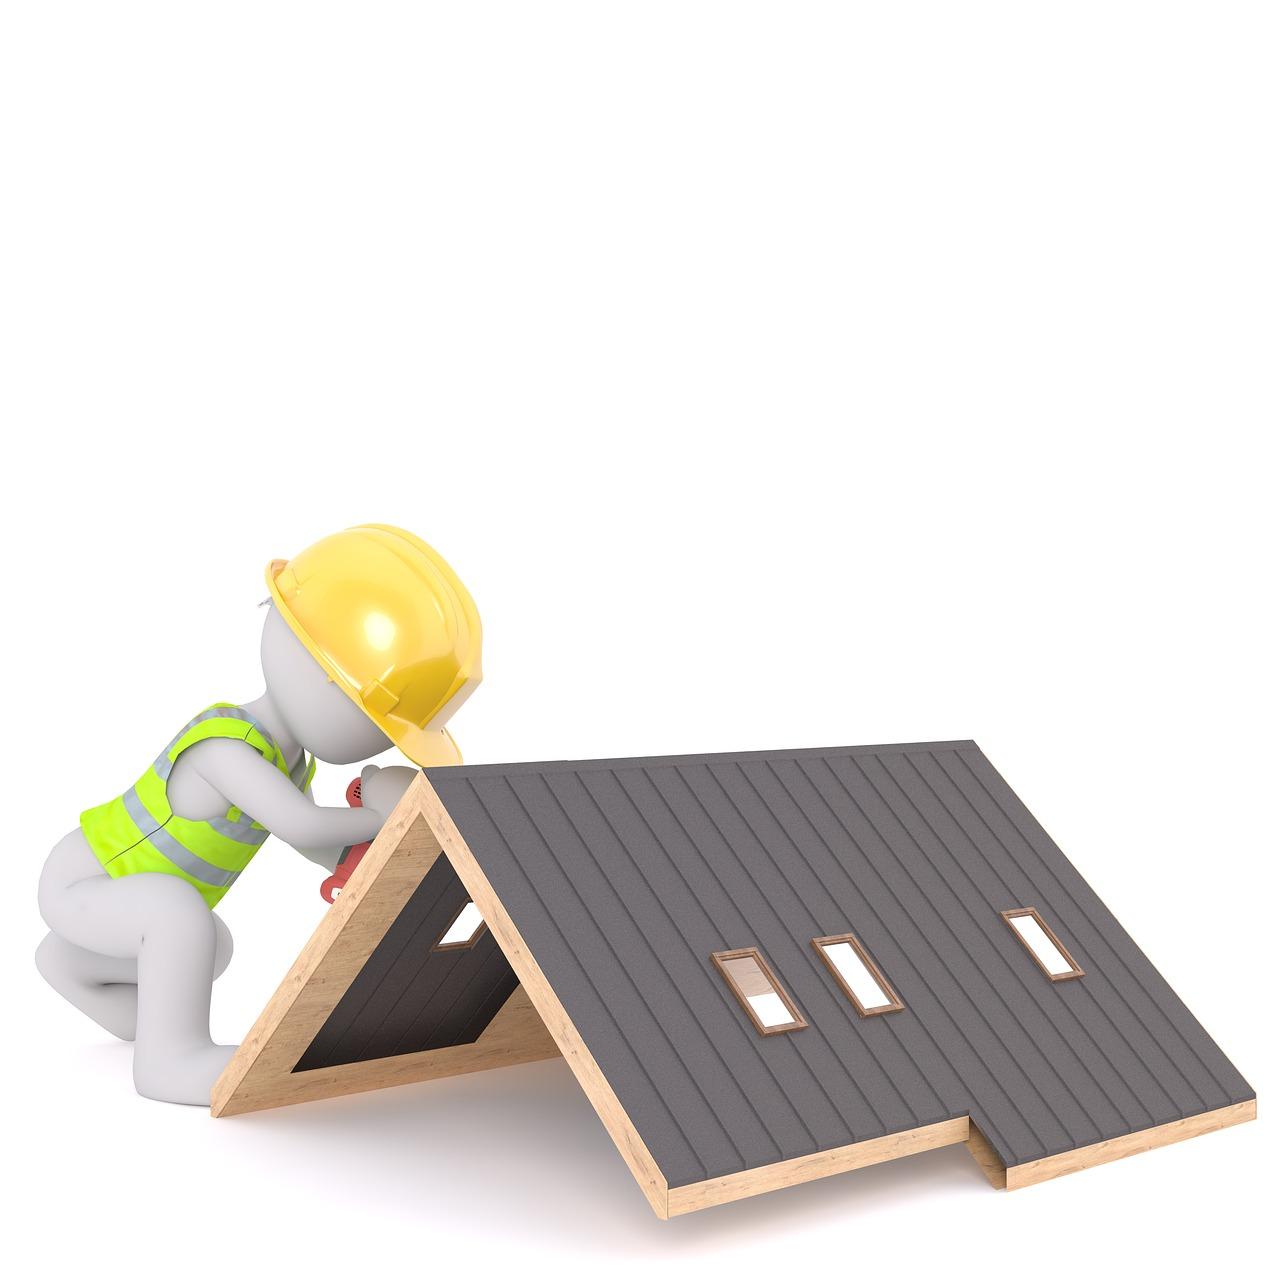 Tout sur la toiture, la couverture et l'isolation de votre maison